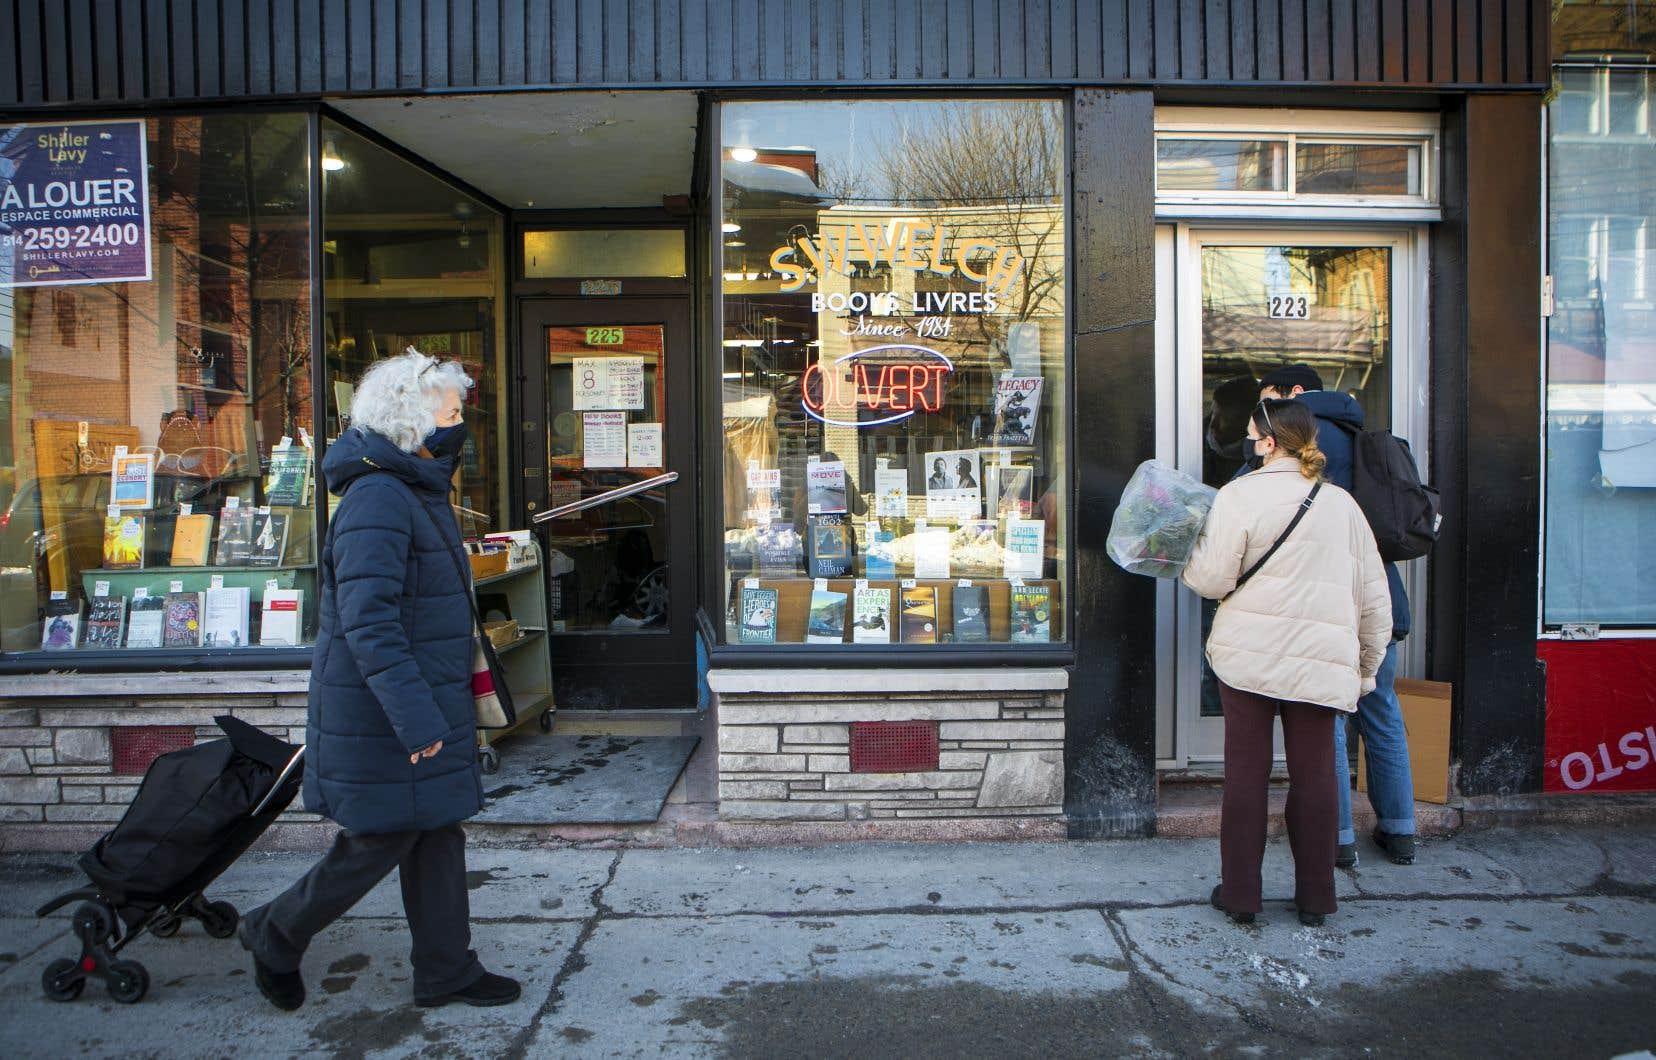 La semaine dernière, Stephen Welch, de la librairie S.W. Welch dans la rue Saint-Viateur, a annoncé qu'il devra fermer ses portes prochainement en raison d'une hausse de loyer insoutenable pour lui.